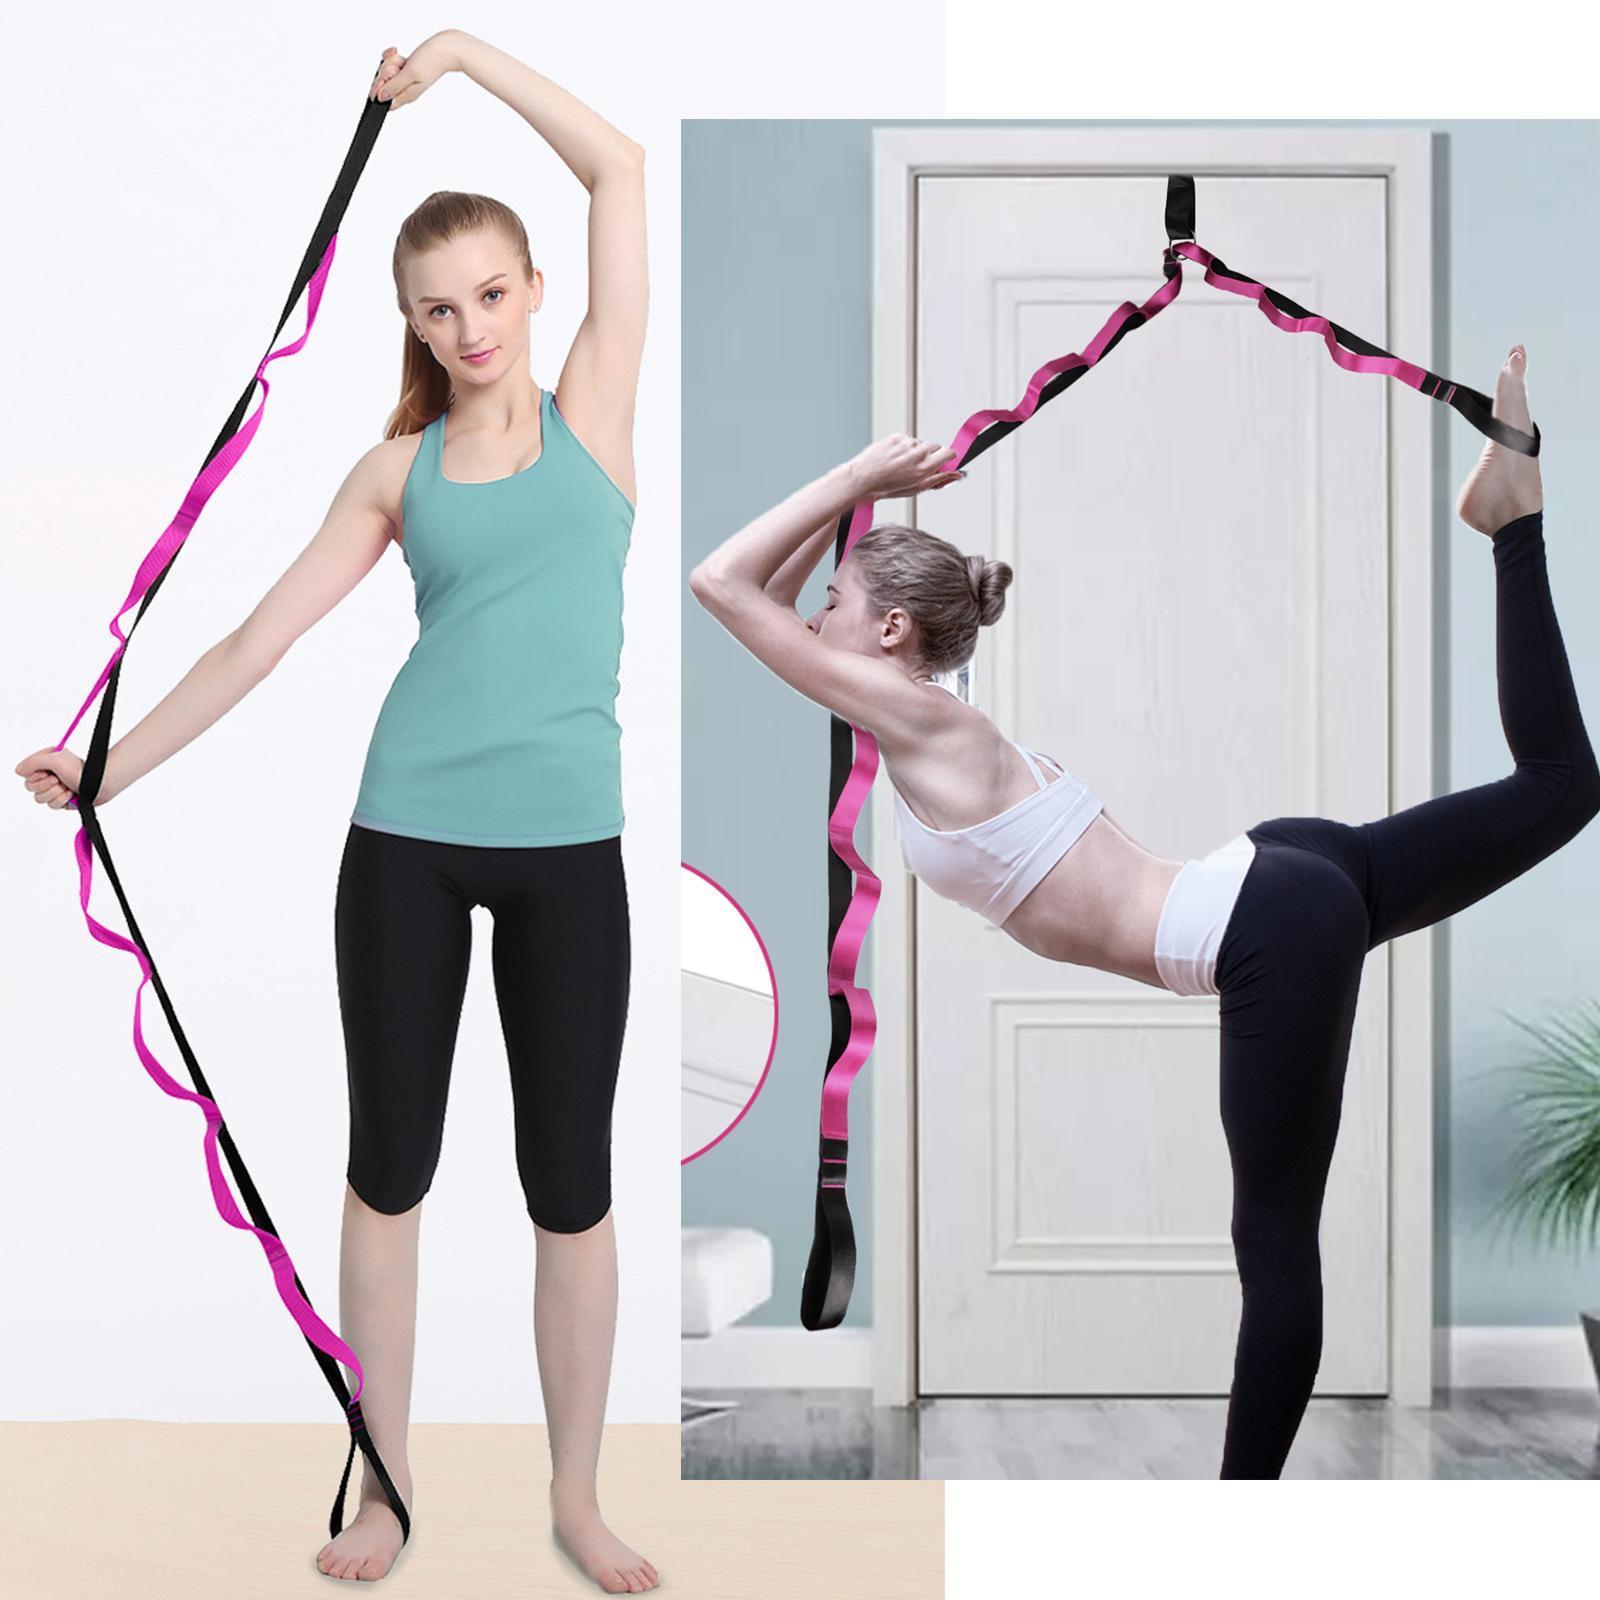 miniatura 34 - Pierna camilla yoga Stretch Strap Latin Dance Gymnastic pull cinturón flexibilidad